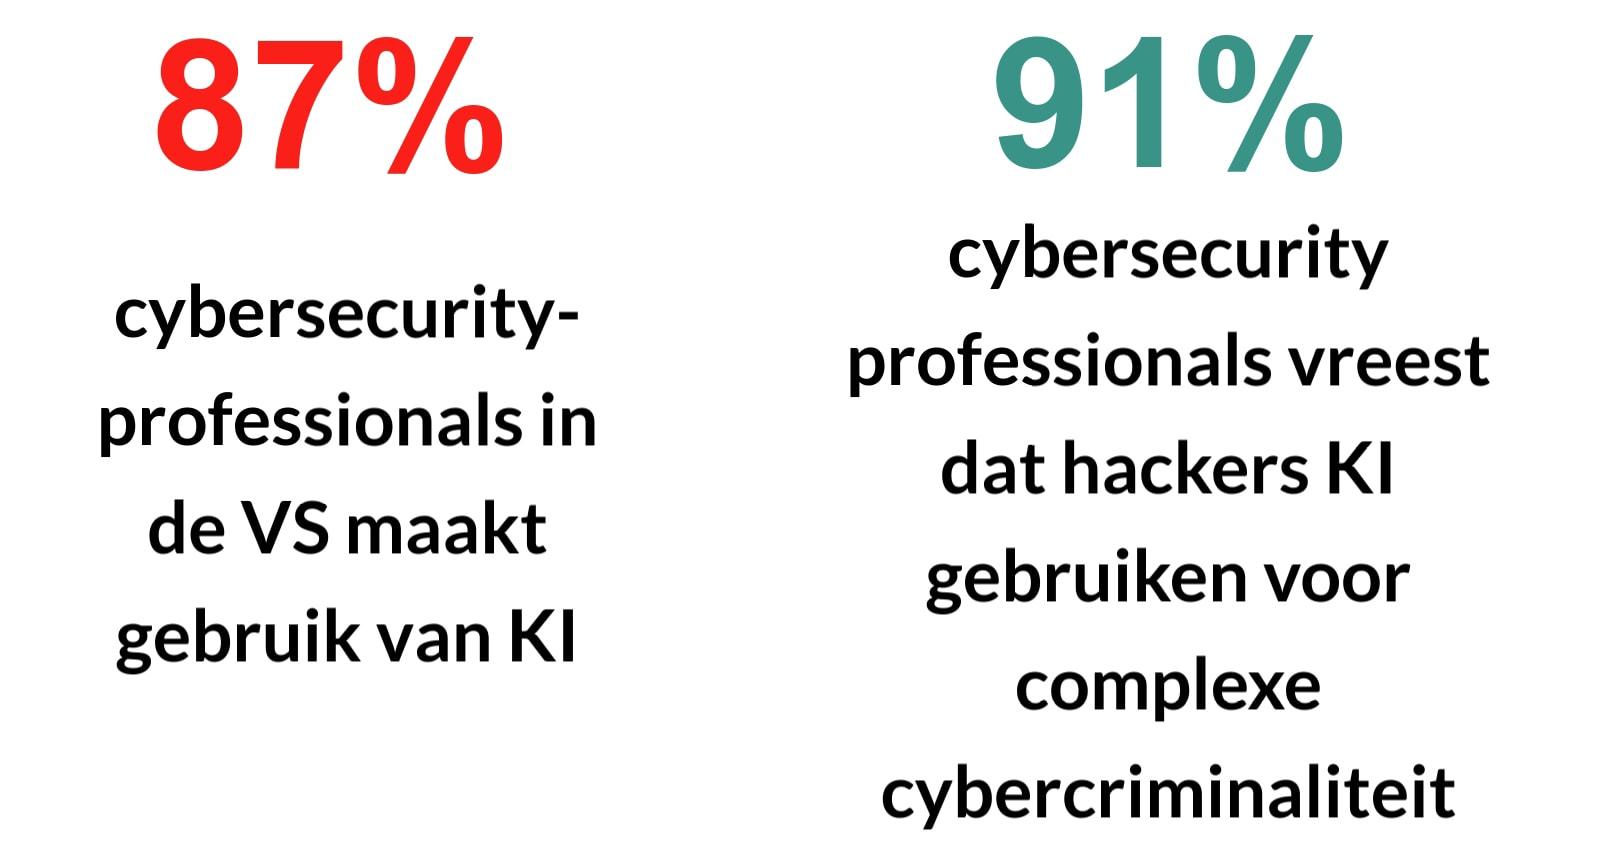 Visuele weergave van het aantal cybersecurity-experts in de VS dat afhankelijk is van KI, en het percentage dat bezorgd is over hackers die kI gebruiken voor criminaliteit.